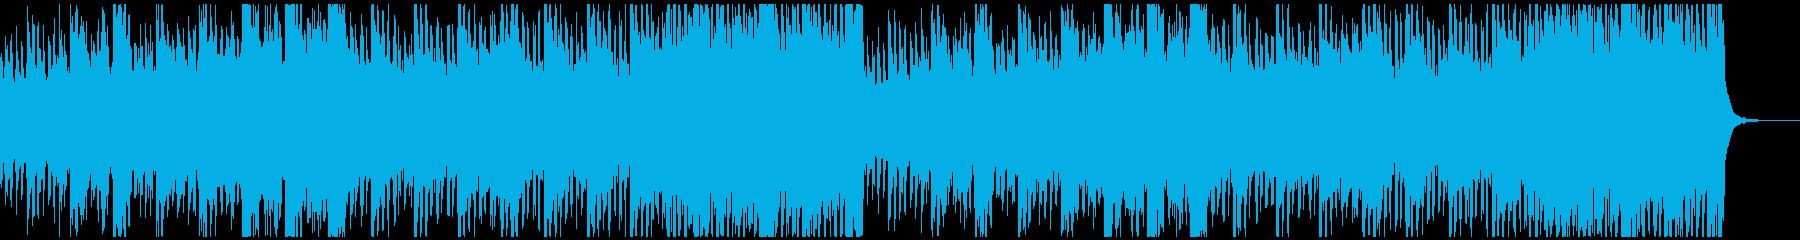 オーケストラ/ピッコロの優しいメロディの再生済みの波形